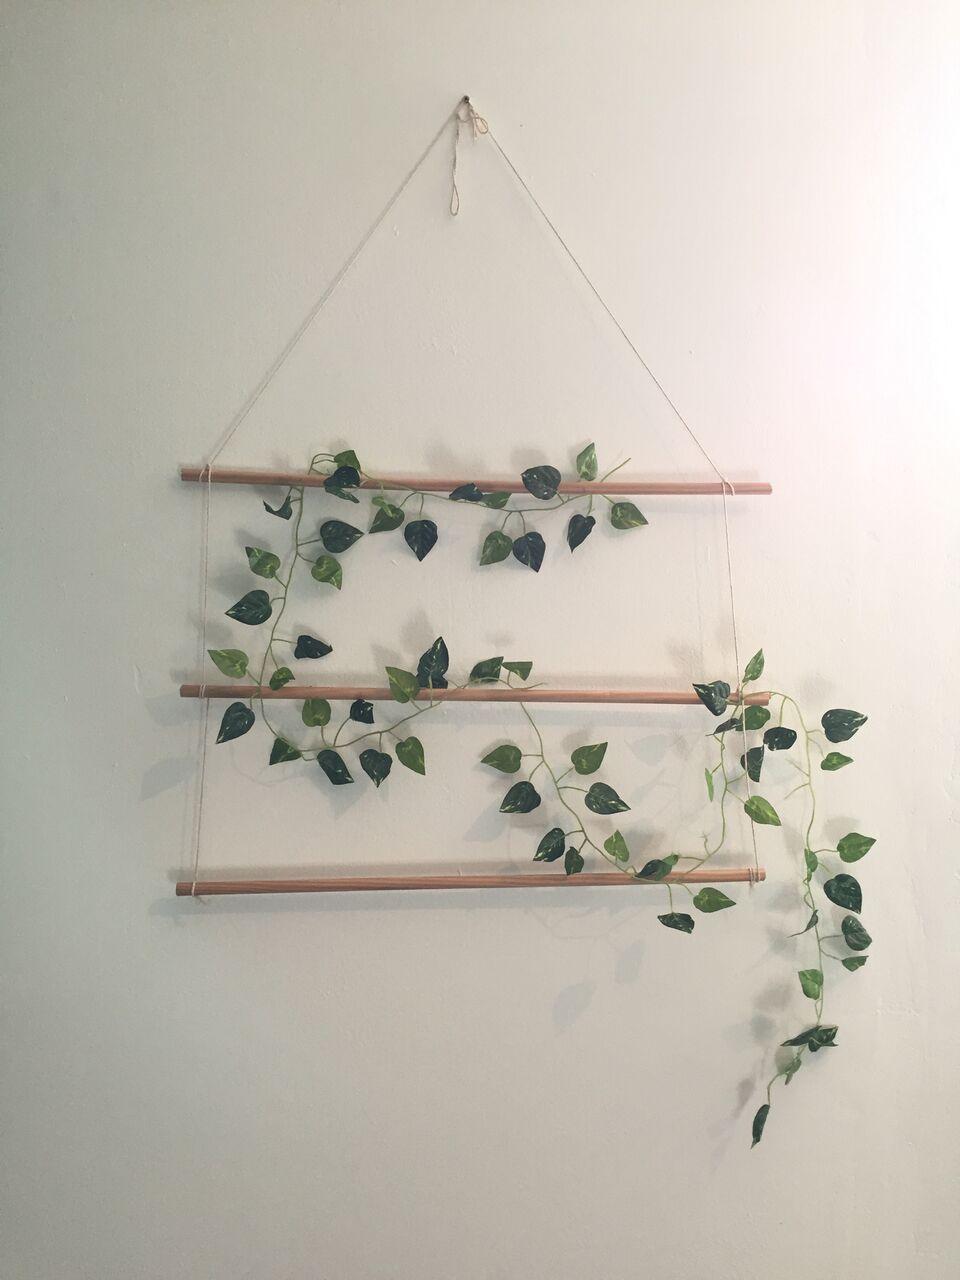 Un tutoriel que j 39 adore je suis trop fan des plantes suspendue alors je voulais en mettre une - Plante a mettre dans une chambre ...